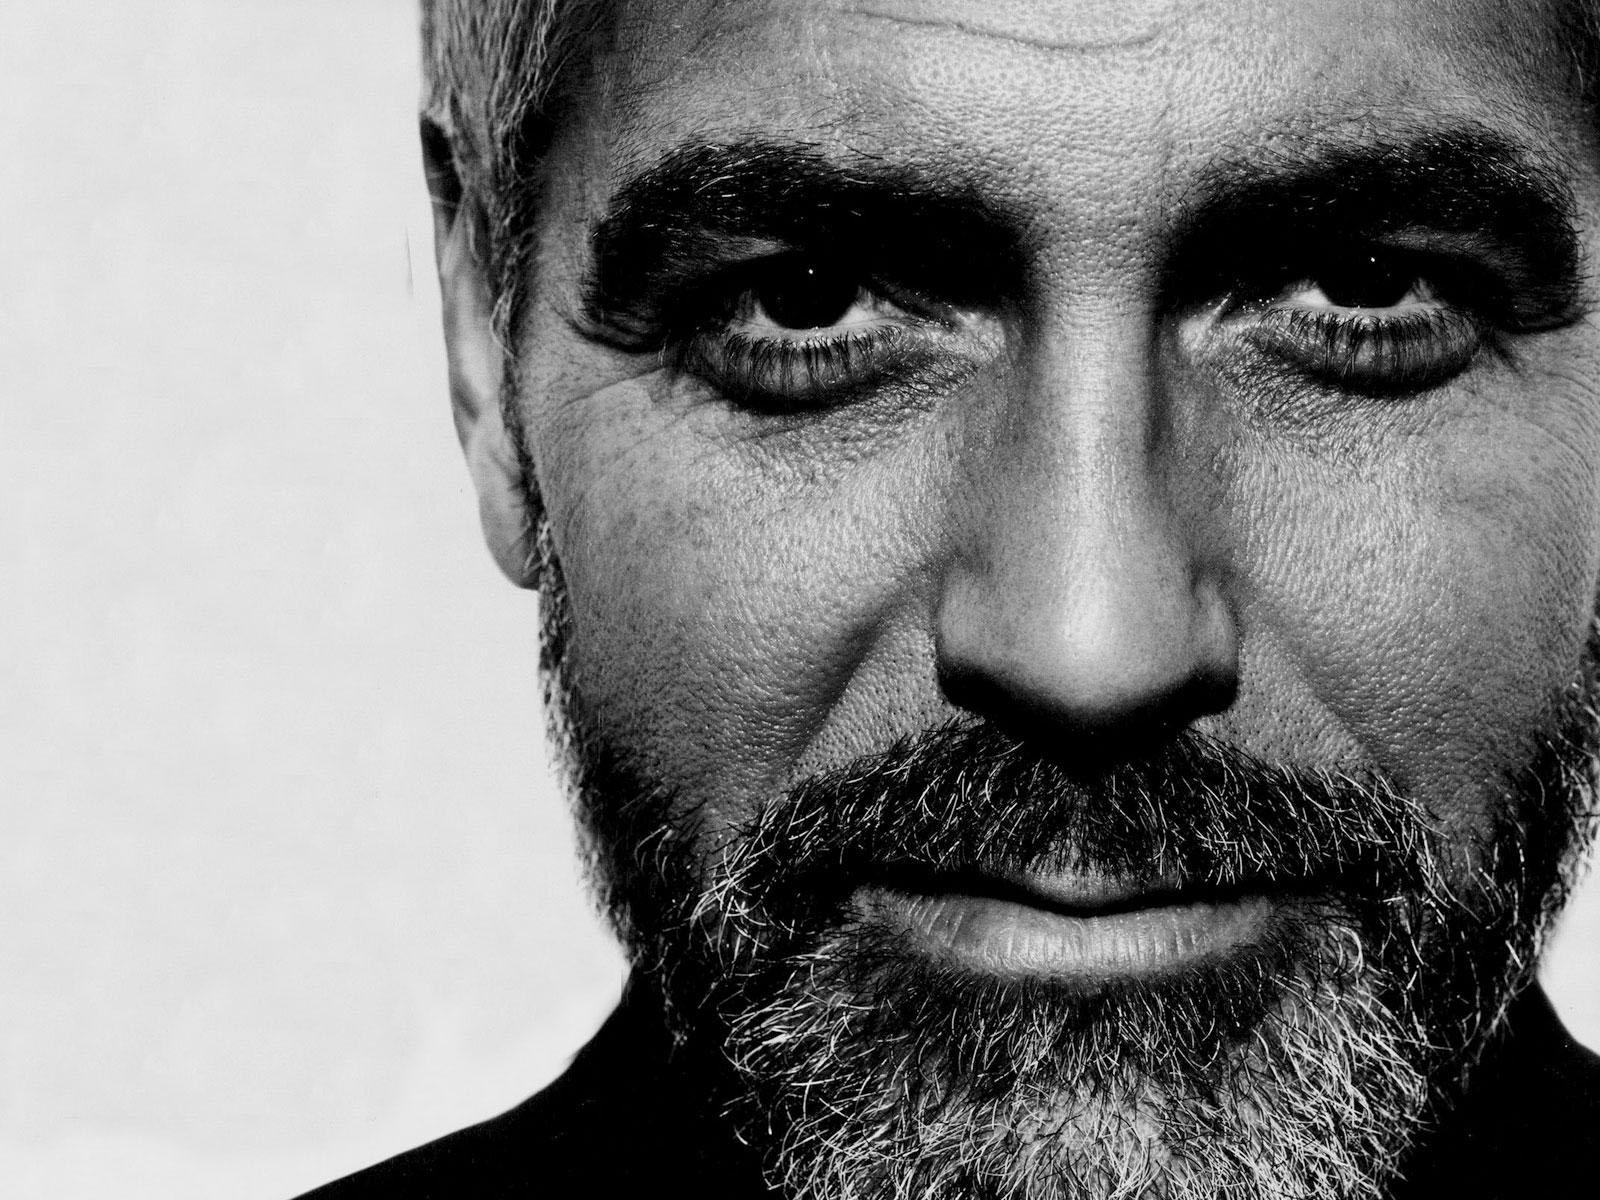 ¿Por qué a algunos hombres no les sale barba?